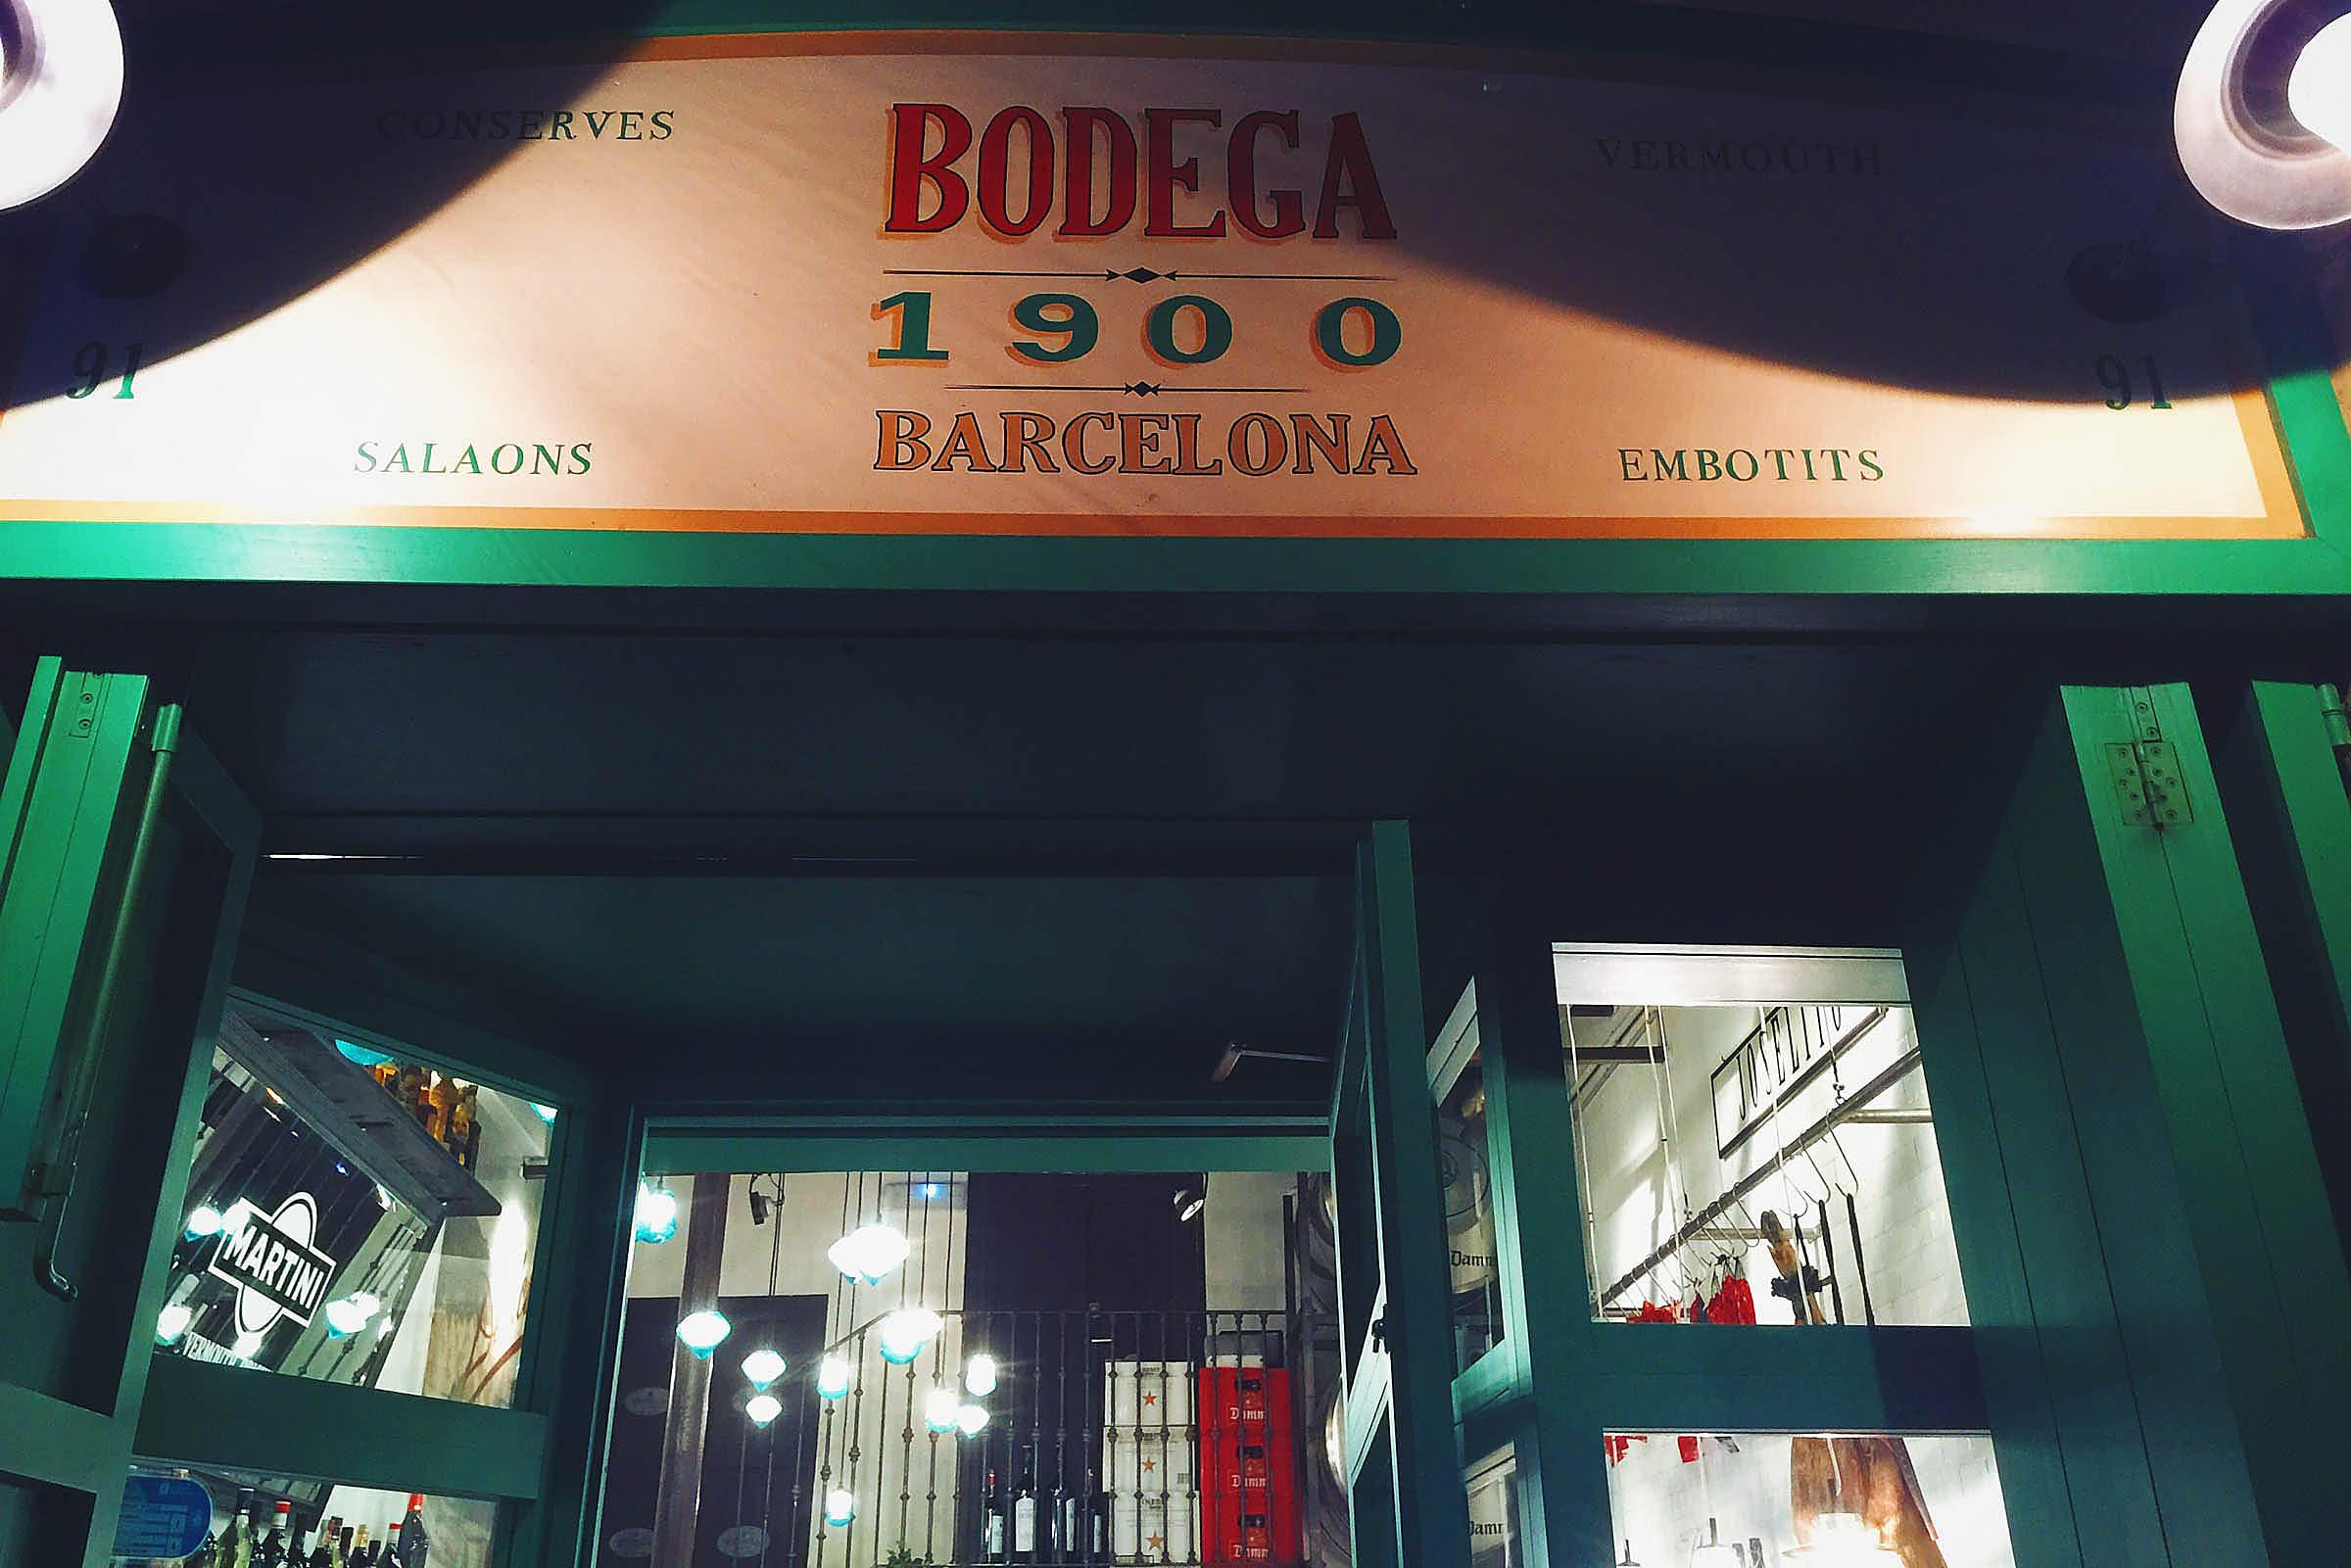 Bodega 1900 Barcelona